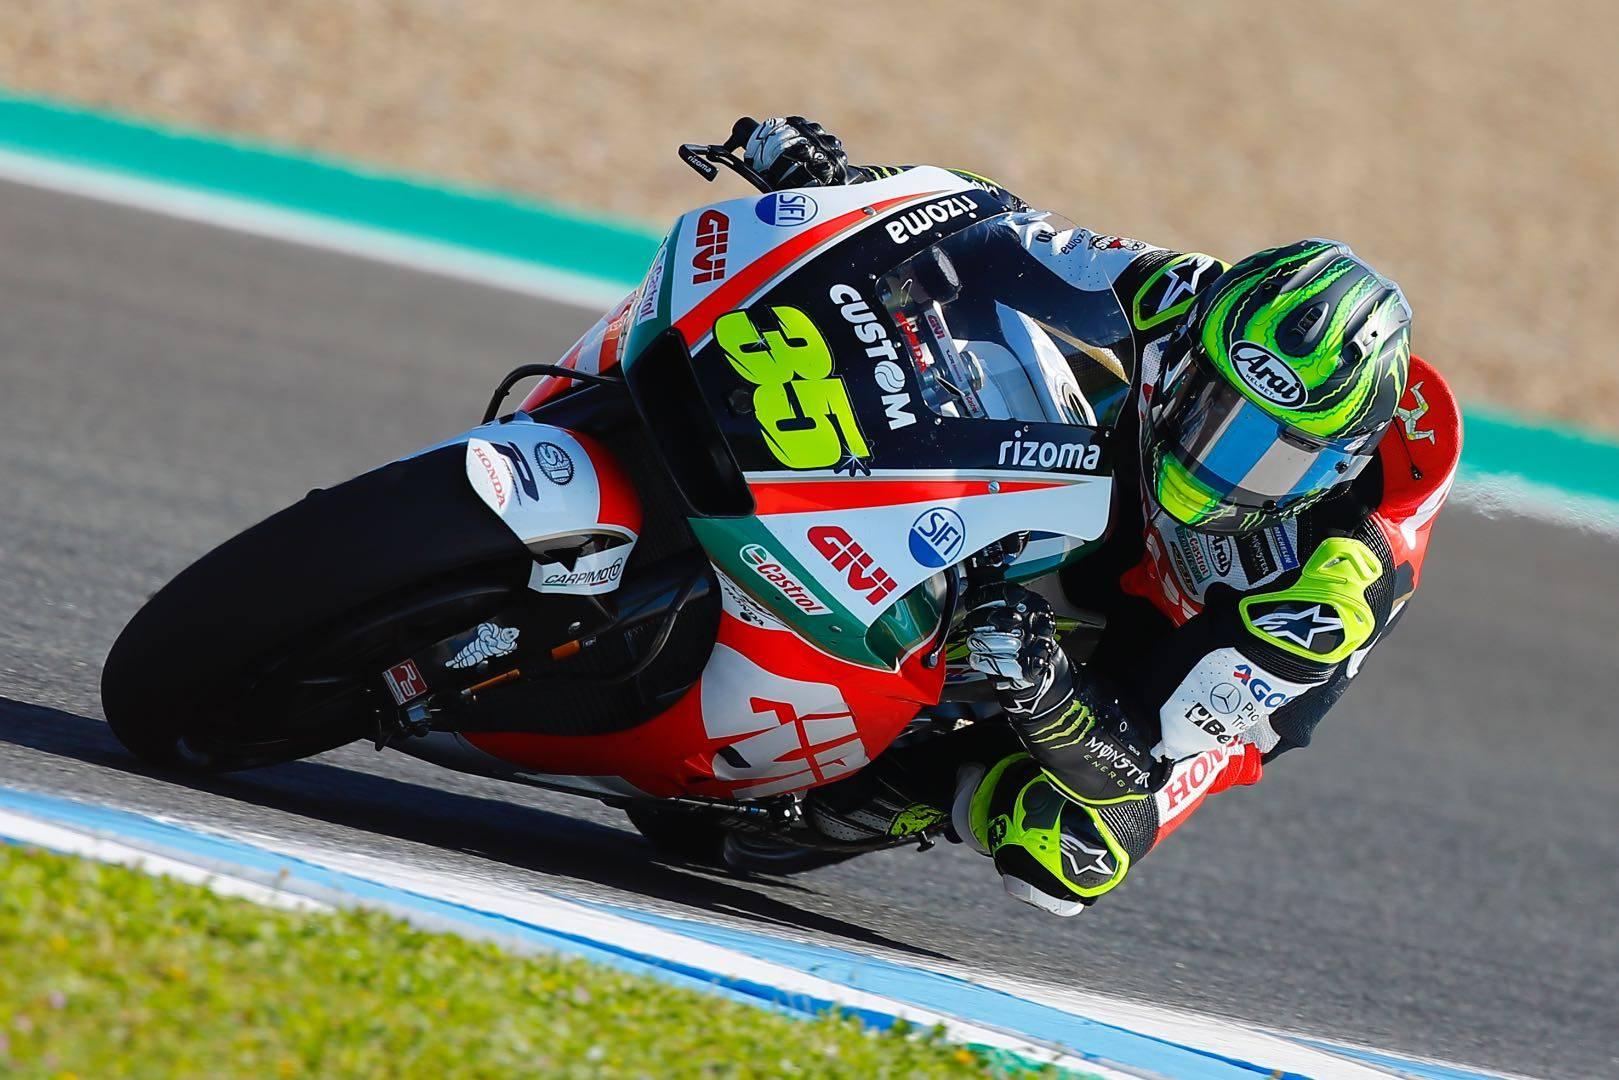 MotoGP qualifiche gp qatar 2019-crutchlow